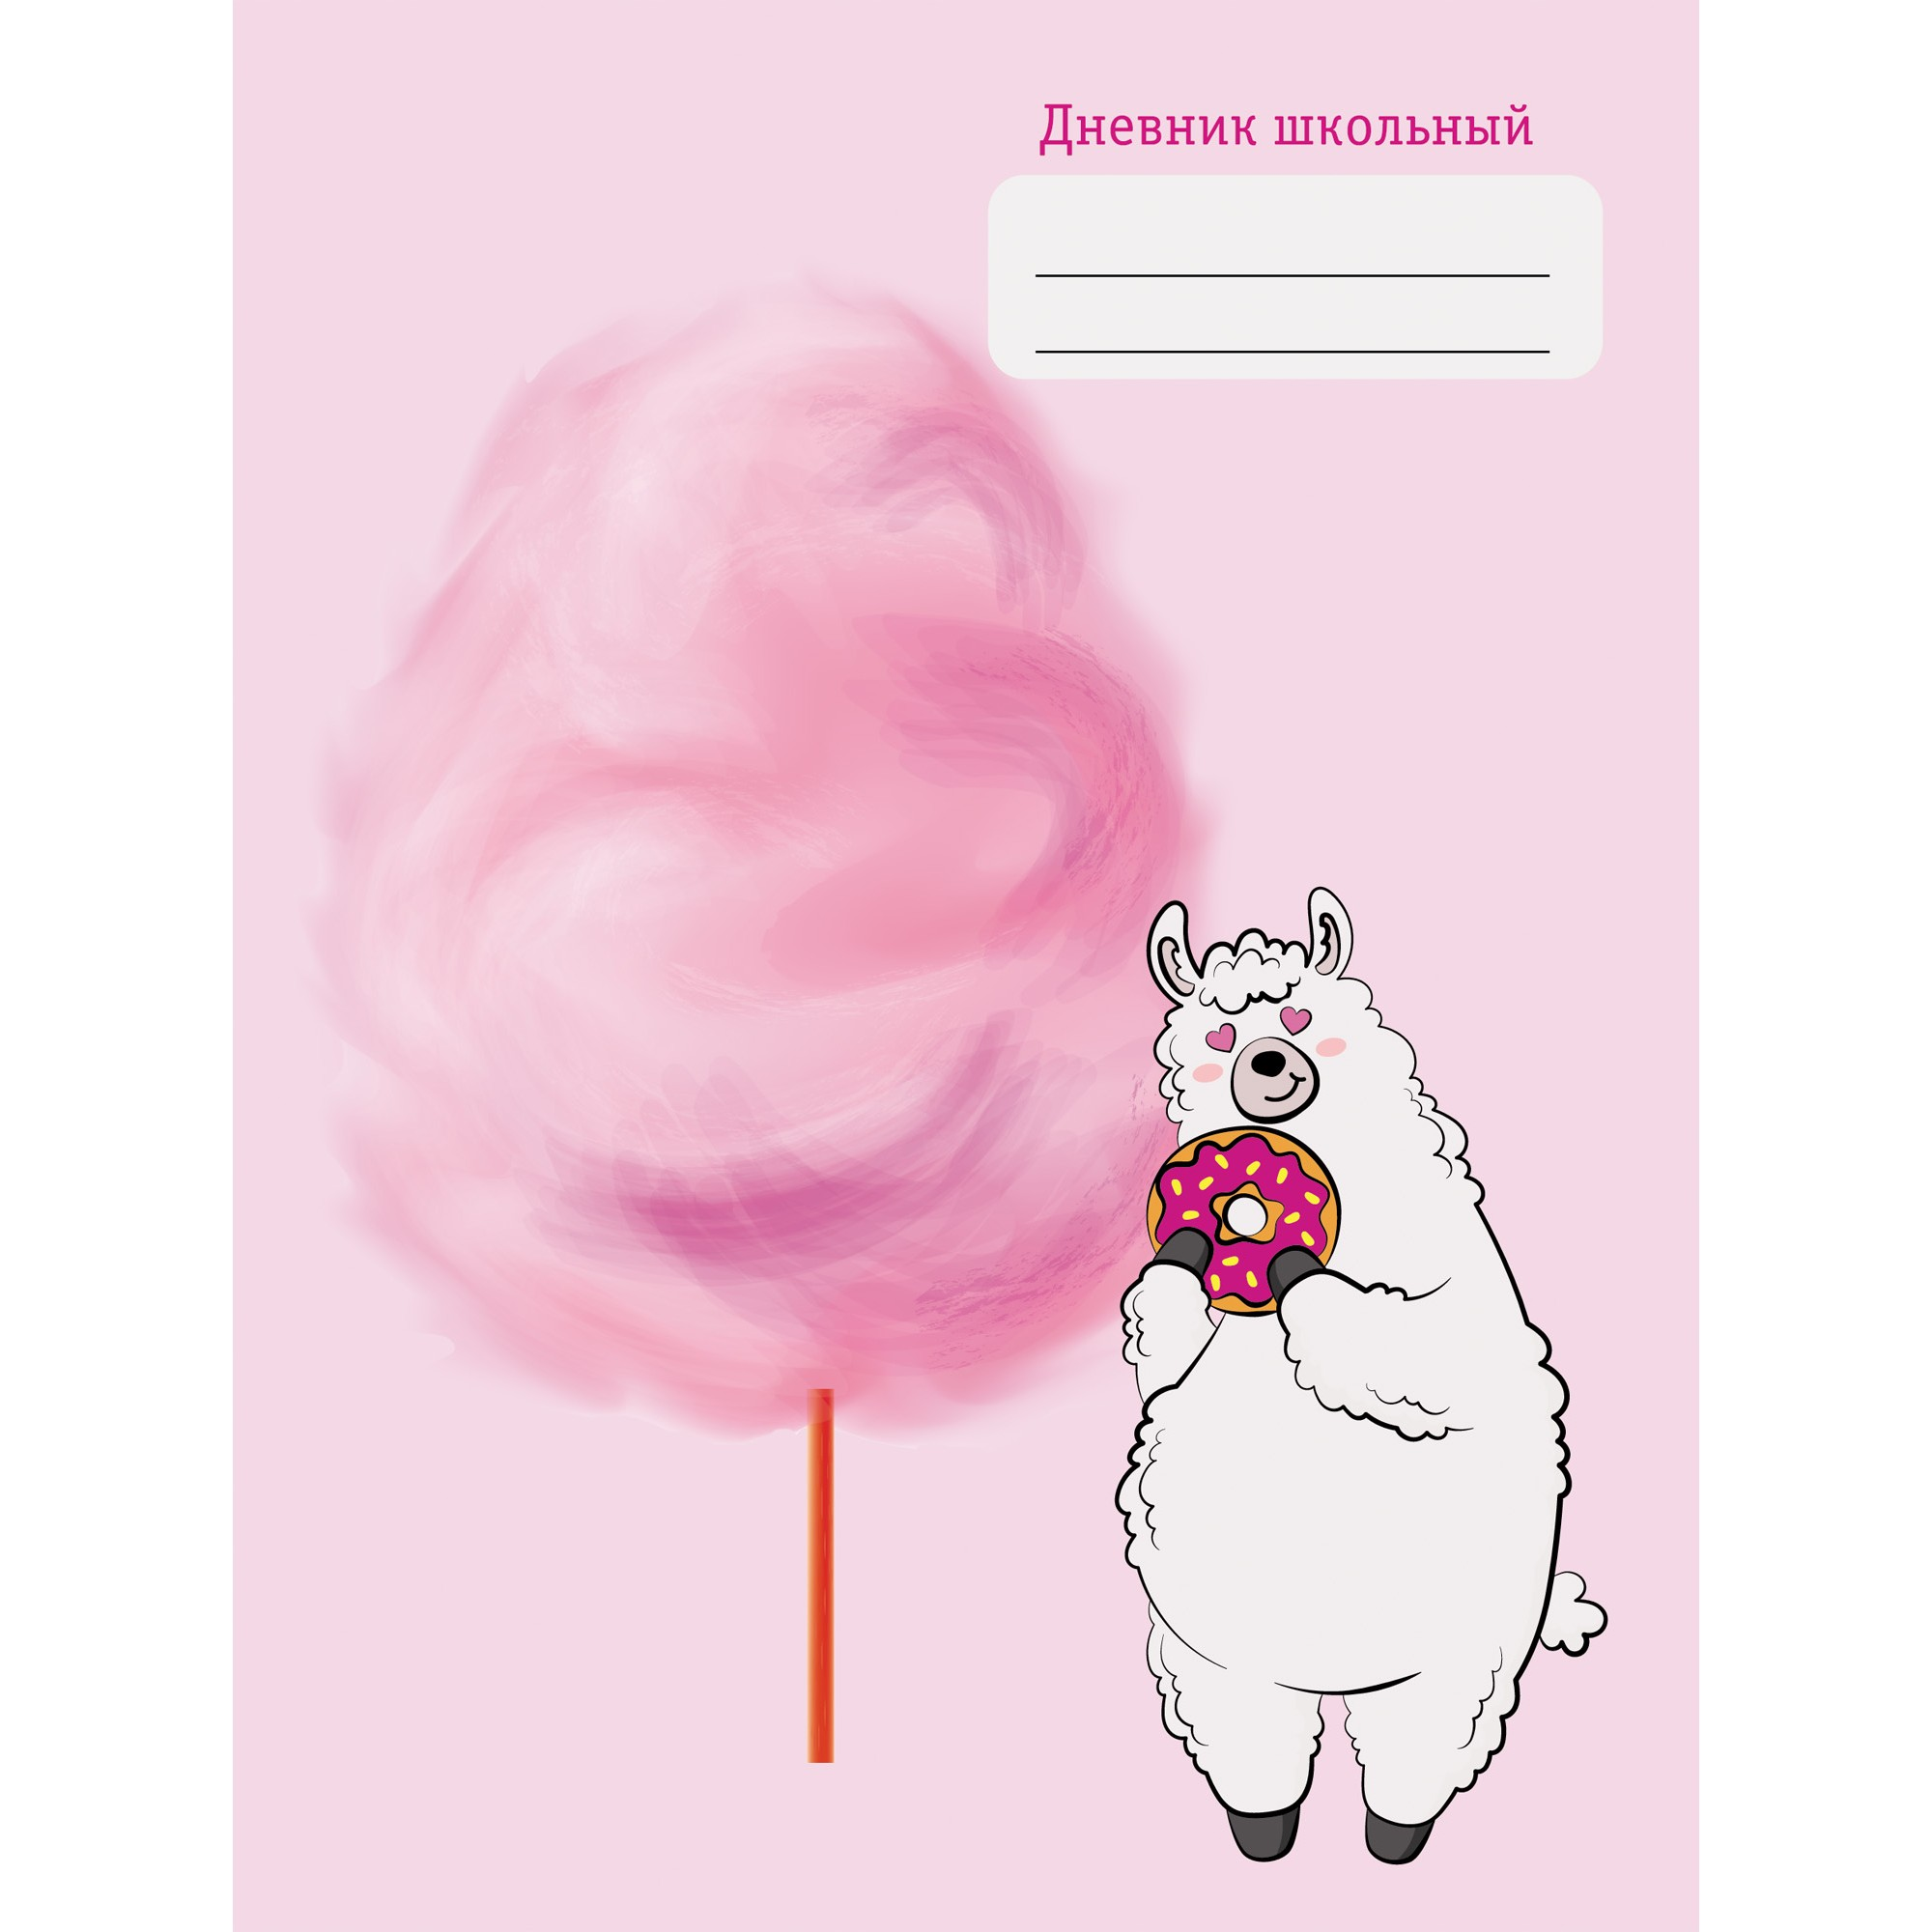 Дневник школьницы тематический (А5, 48л, 5-11 класс), ДШБ204801 по цене 88